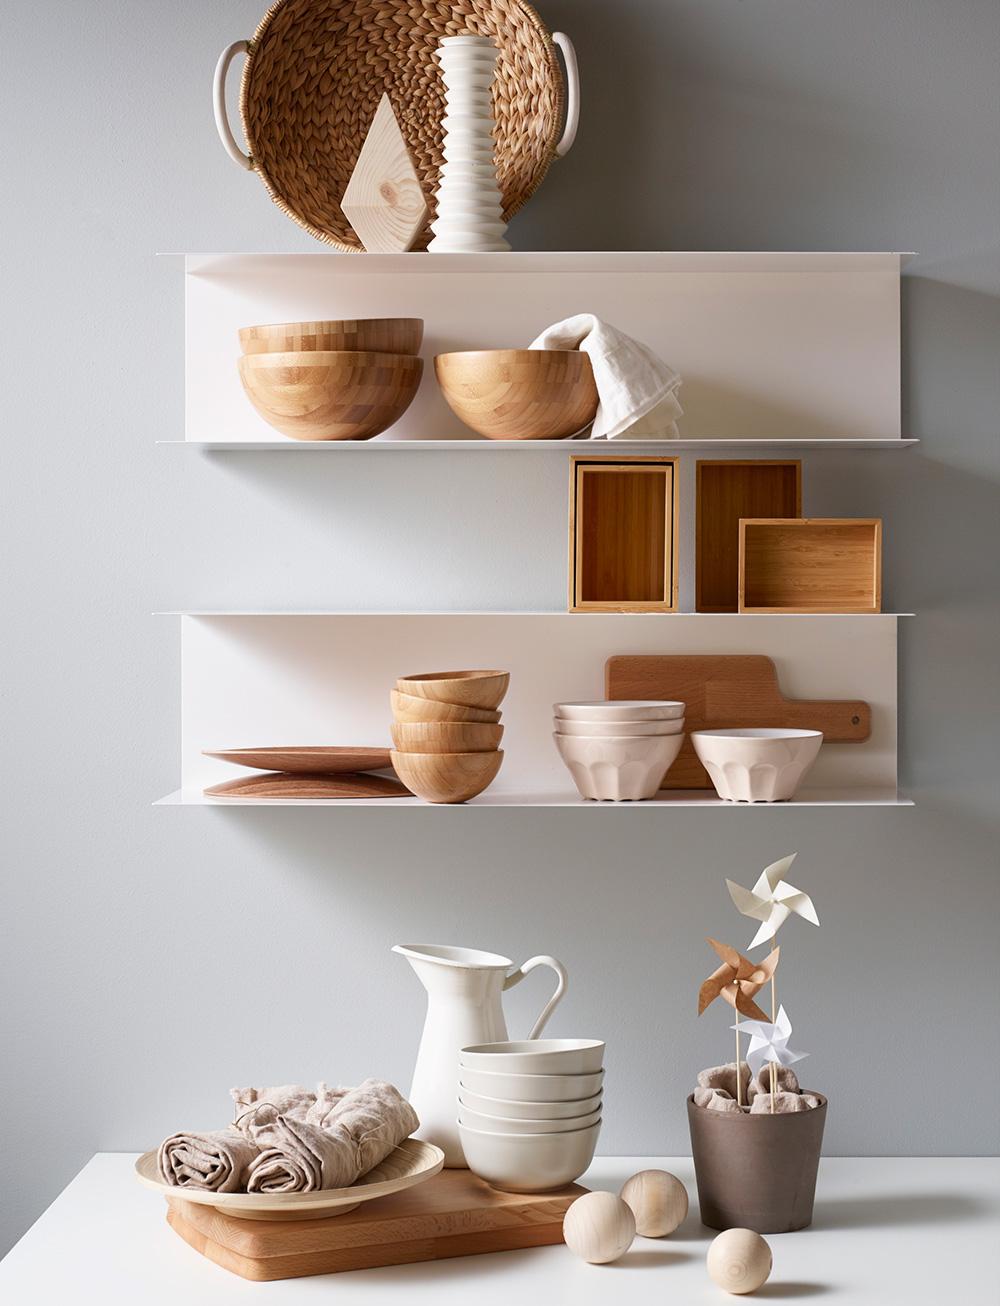 Ikea-BOTKYRKA-Wandregal-Stahl-Pulverbeschichtet-Mood-2